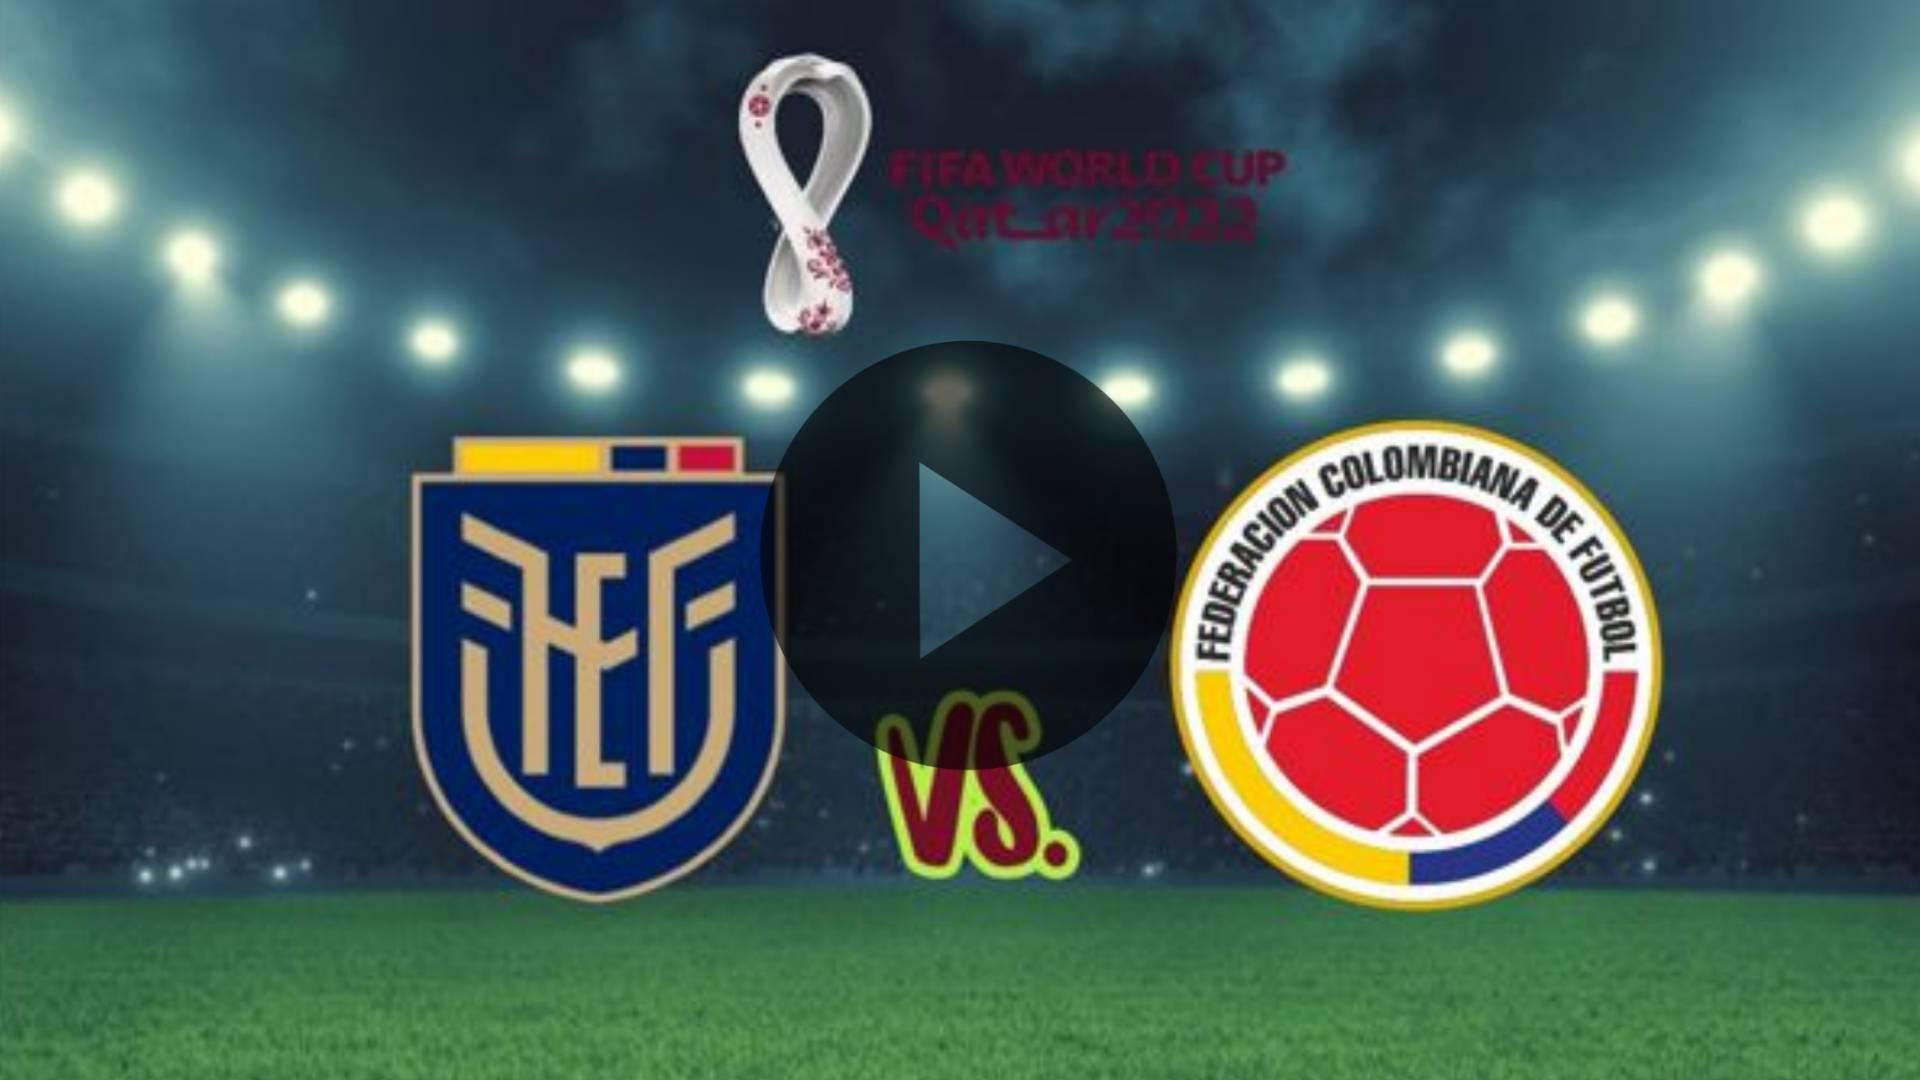 AQUI EN VIVO YouTube 🆕 Ecuador vs Colombia ecuador vs colombia resumen Video honesto, Ecuador vs Colombia EN VIVO hoy